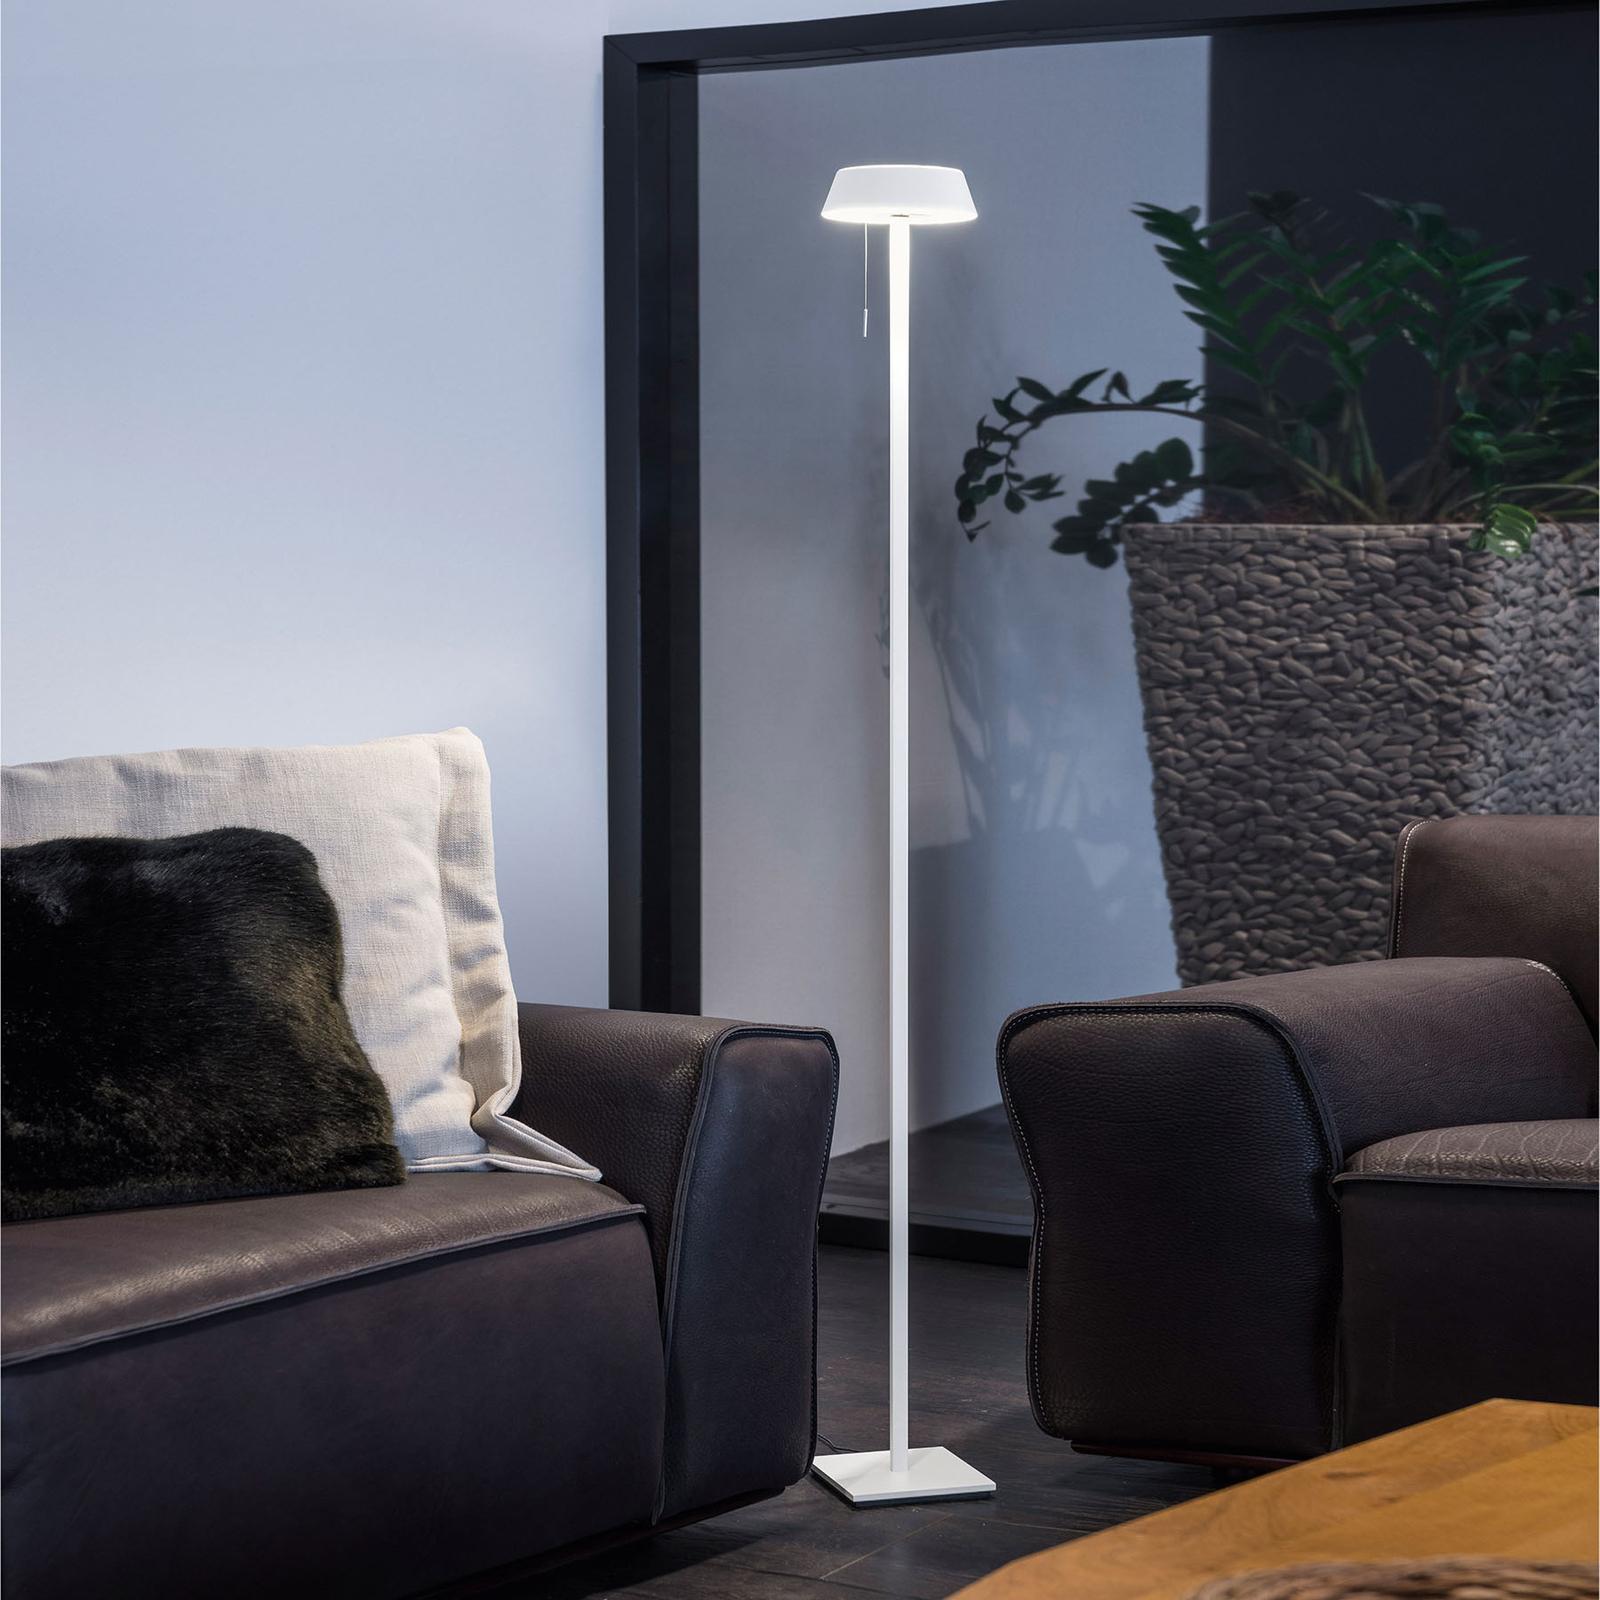 OLIGO Glance LED-lattiavalaisin, matta valkoinen